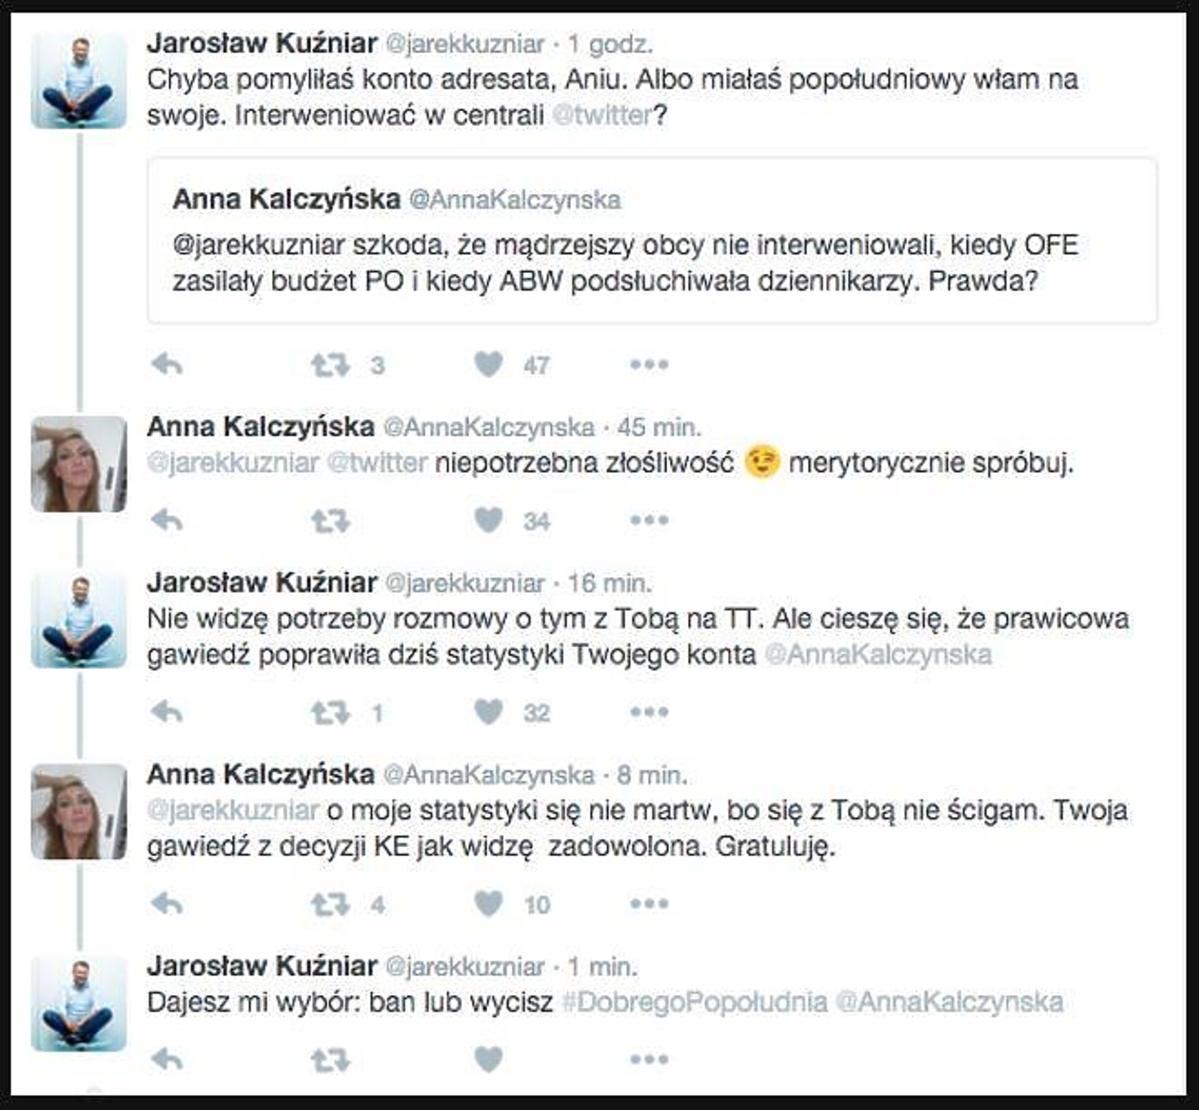 Anna Kalczyńska, Jarosław Kuźniar